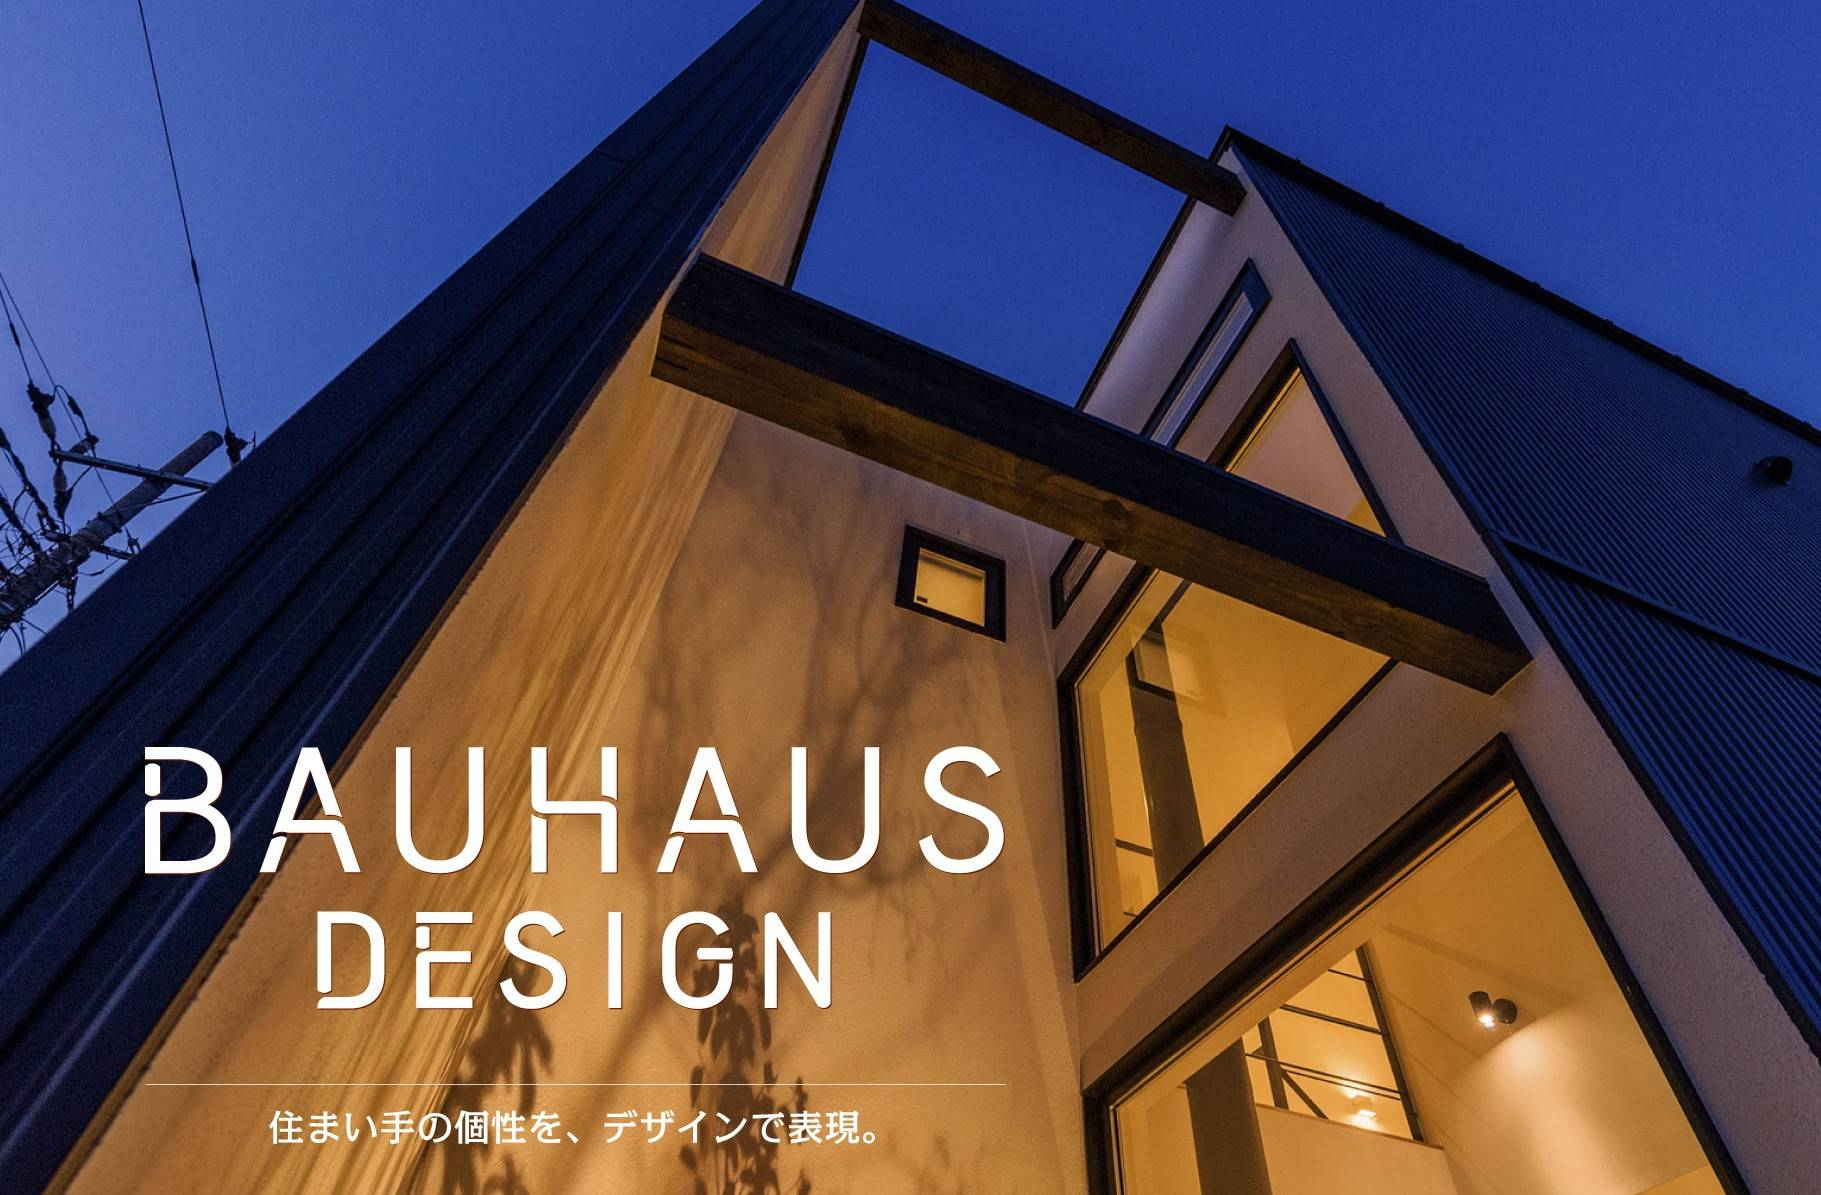 株式会社バウハウスデザイン